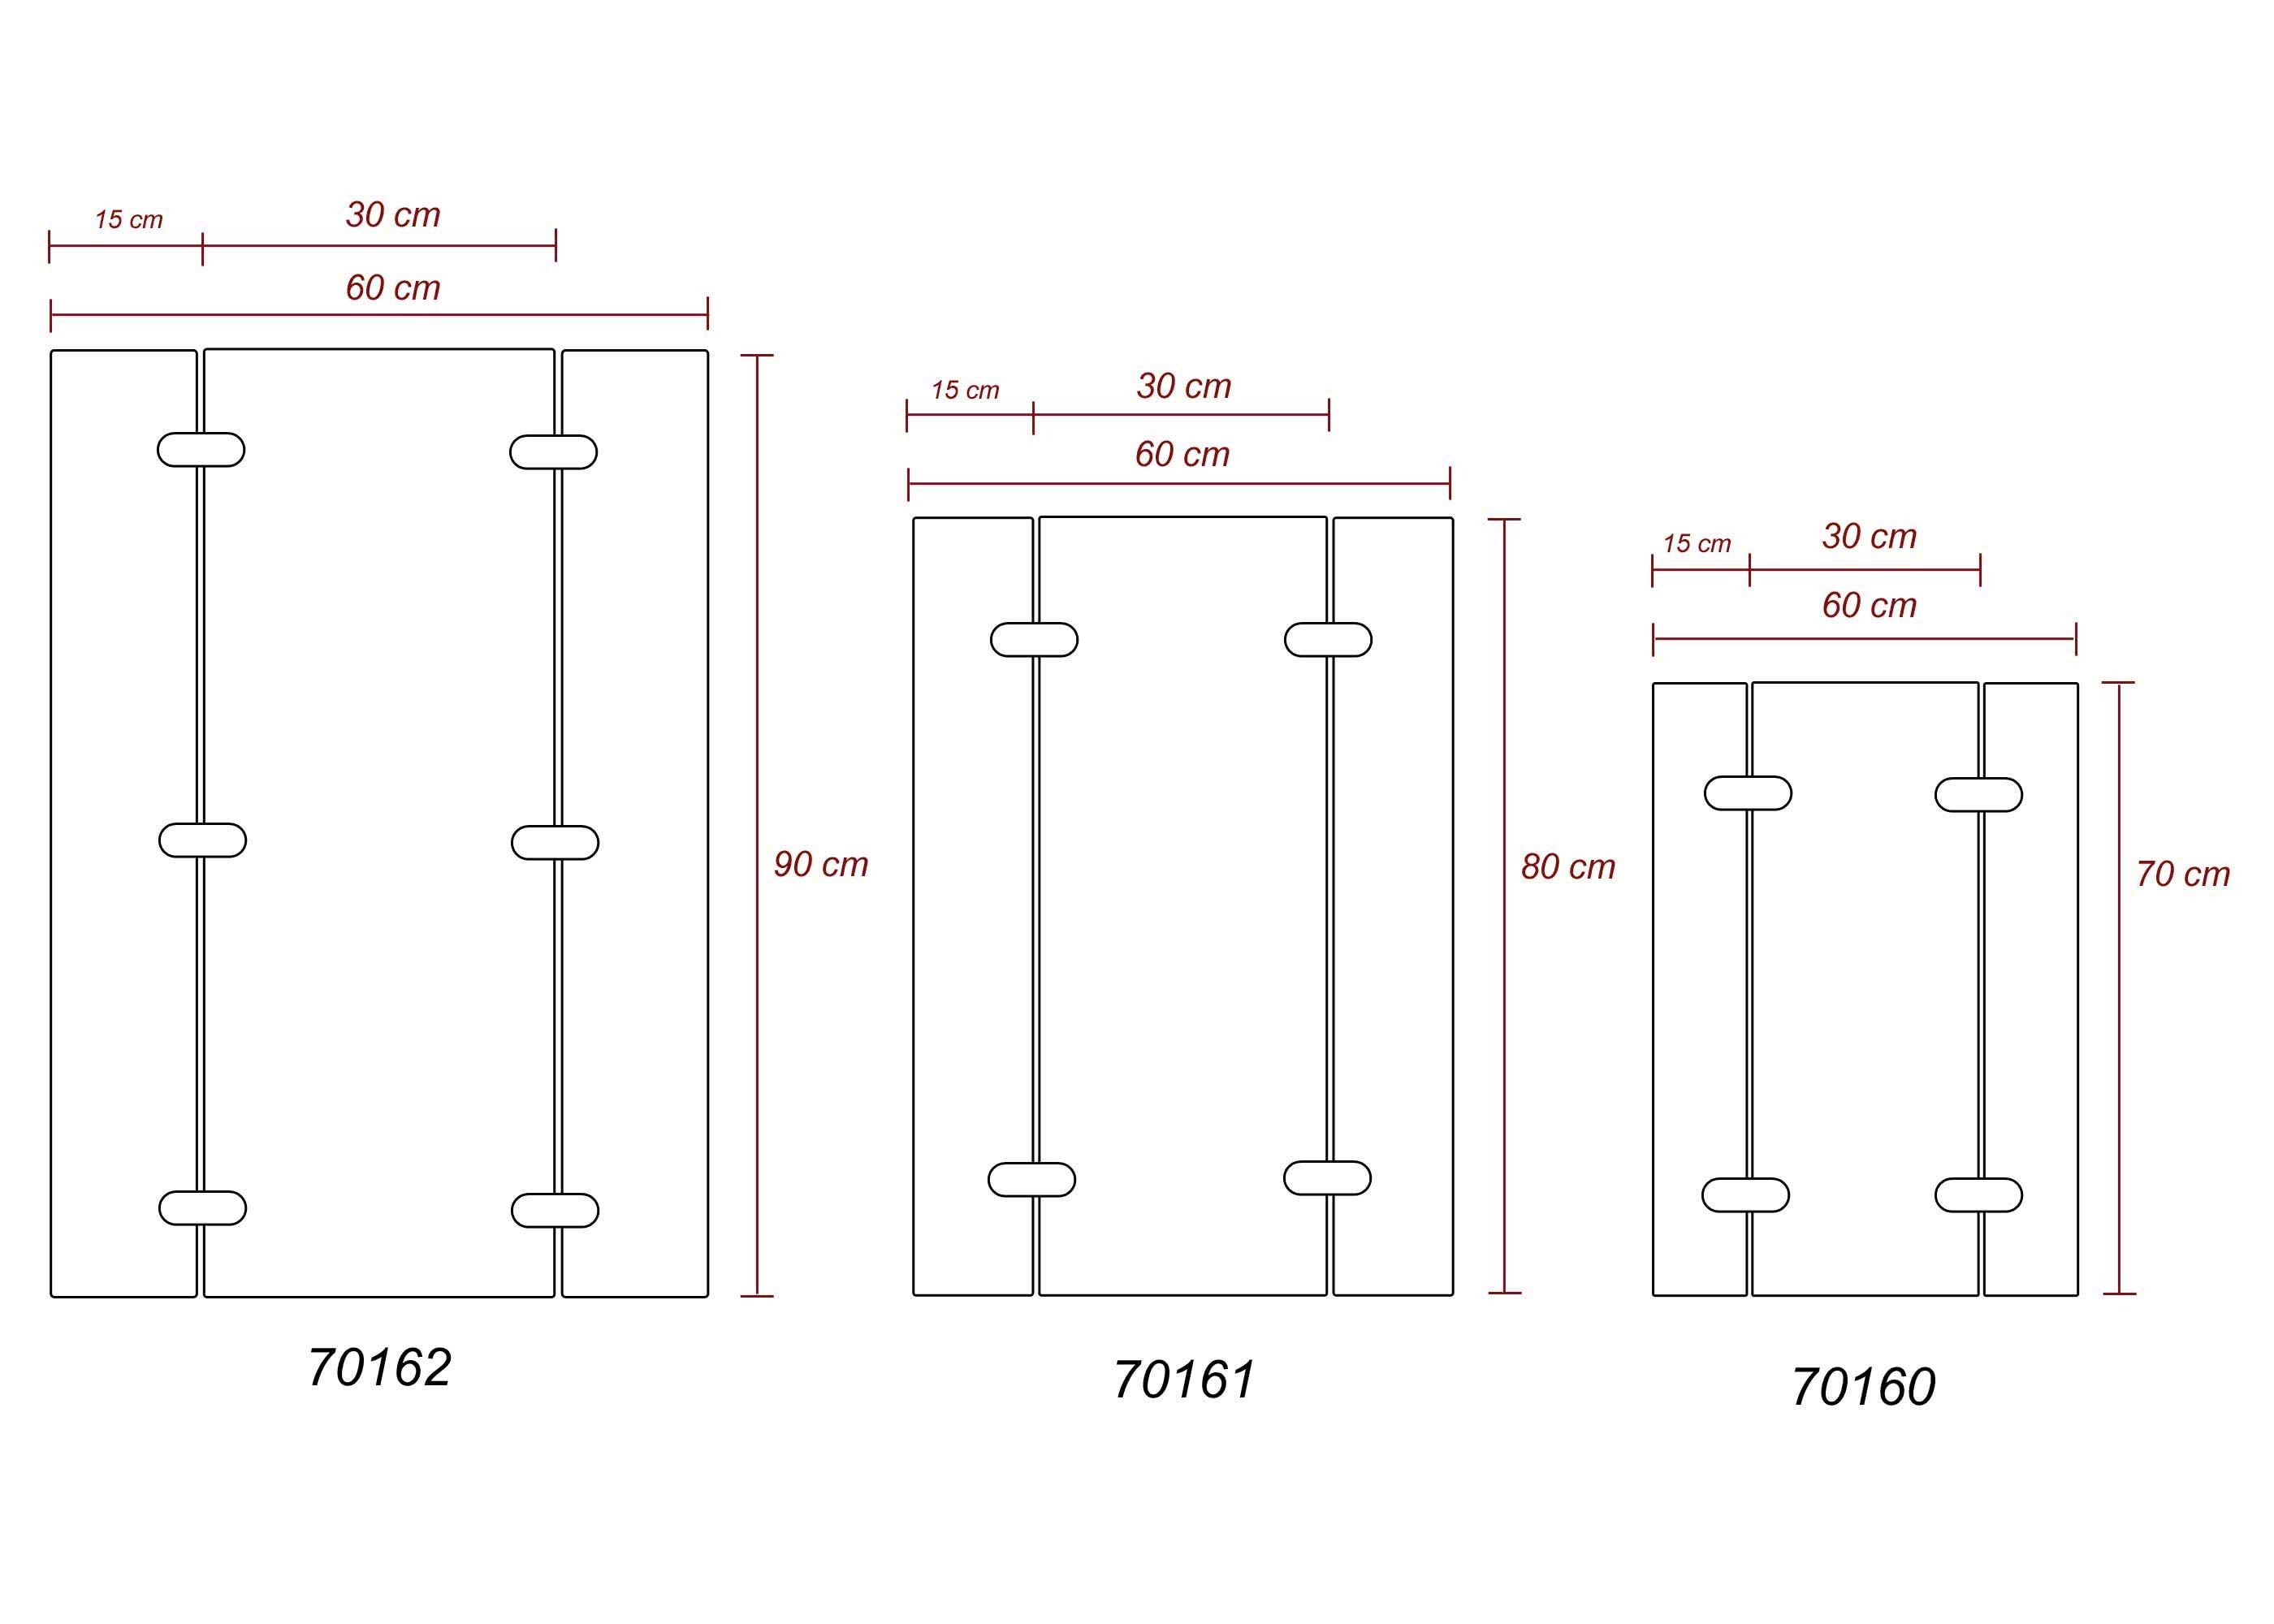 70160_Tischplatte_abmessungen.jpg